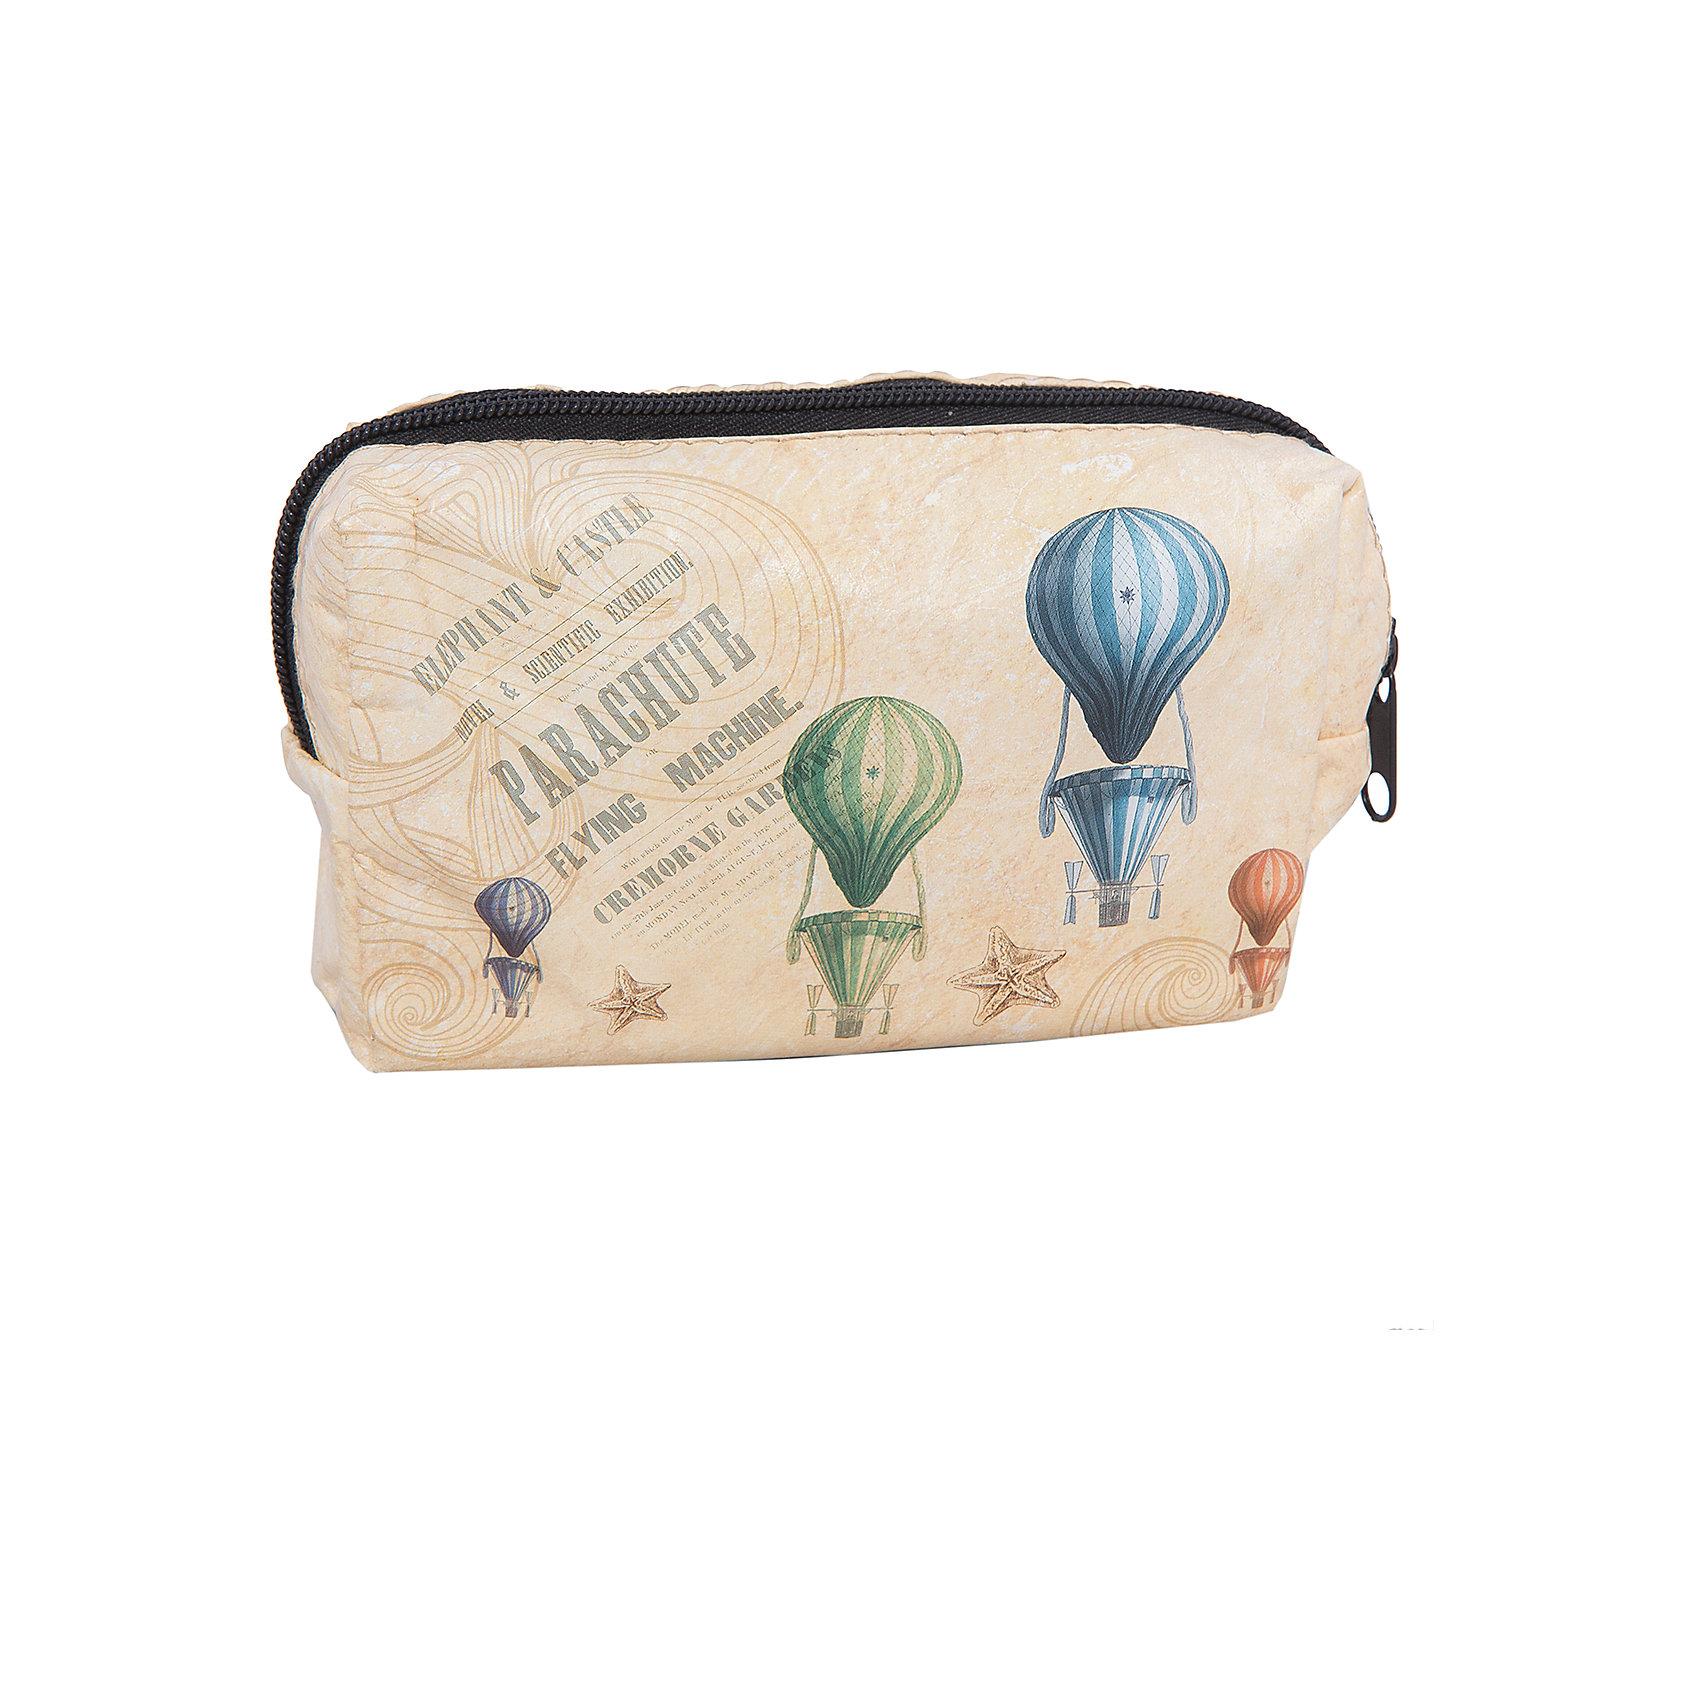 Набор в чехле для путешествий Воздушные шары, Magic HomeВ дорогу<br>Набор для путешествий Magic Home обеспечивает туриста набором аксессуаров, которые могут пригодиться в поездке. Набор состоит из 4-х предметов, упакован в косметичку на молнии. Косметичка декорирована фотопечатью «Воздушные шары». <br><br>Дополнительная информация:<br><br>Размер чехла: <br>Материал чехла: 100% полиэстер<br><br>Комплектация набора для путешествий:<br><br>• чехол на молнии (10х16х5 см),<br>• носки из хлопчатобумажной пряжи (40х9 см), <br>• маска для сна из полиэстера  (19х8,5 см), <br>• подушка надувная из ПВХ (43x27 см), <br>• карты игральные бумажные (1 колода).<br><br>Набор в чехле для путешествий Воздушные шары, Magic Home можно купить в нашем интернет-магазине.<br><br>Ширина мм: 170<br>Глубина мм: 150<br>Высота мм: 60<br>Вес г: 280<br>Возраст от месяцев: 216<br>Возраст до месяцев: 1200<br>Пол: Унисекс<br>Возраст: Детский<br>SKU: 5030481